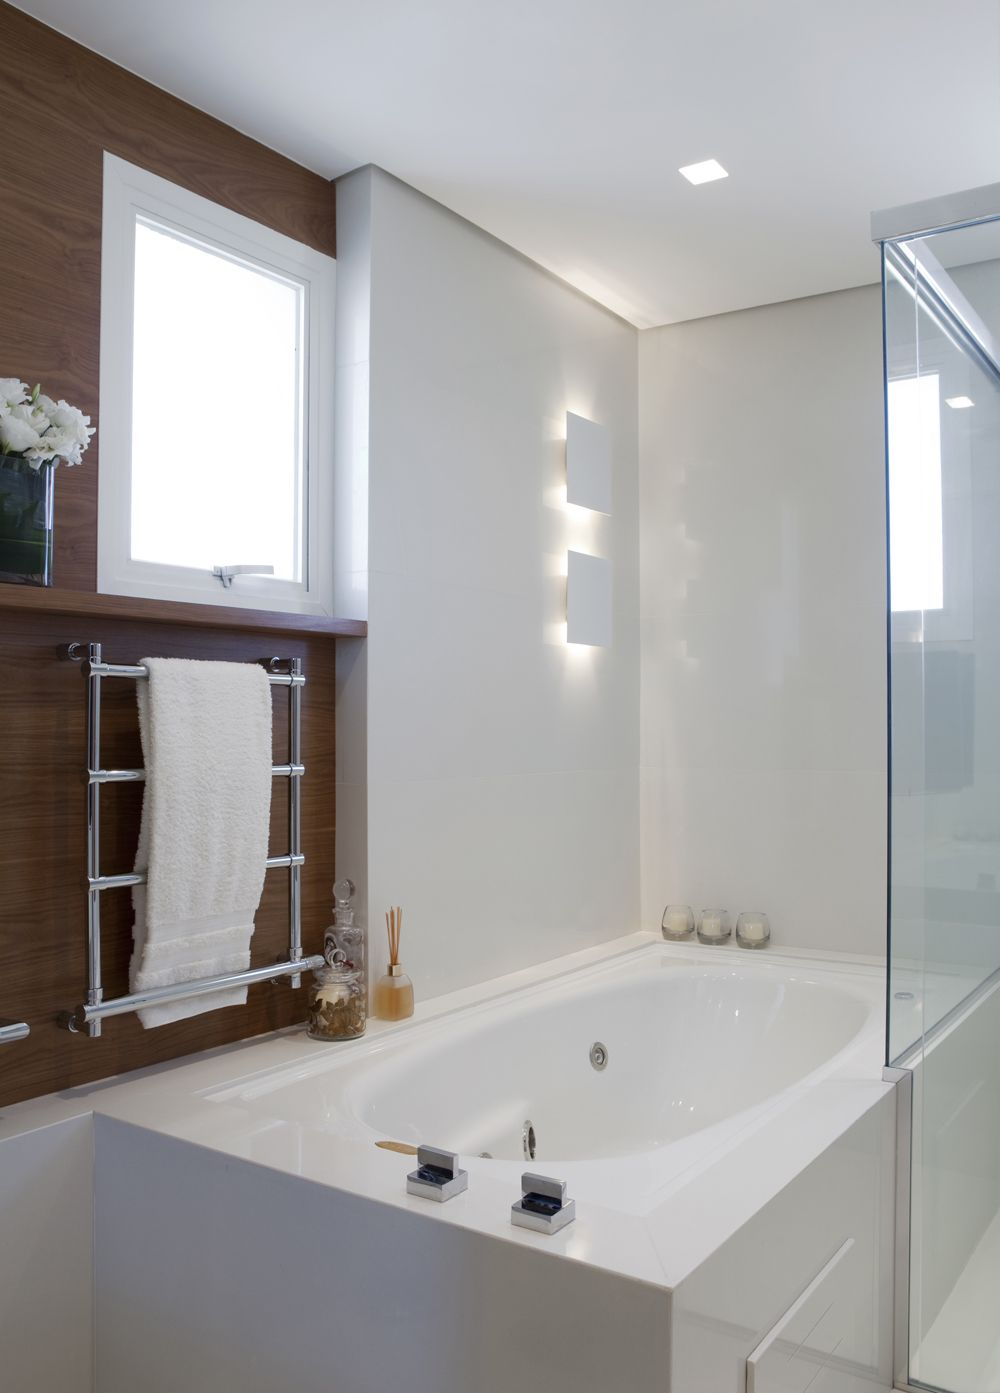 Ideias Banheiro Com Banheira : Decora??o de banheiro banheira hidromassagem casa